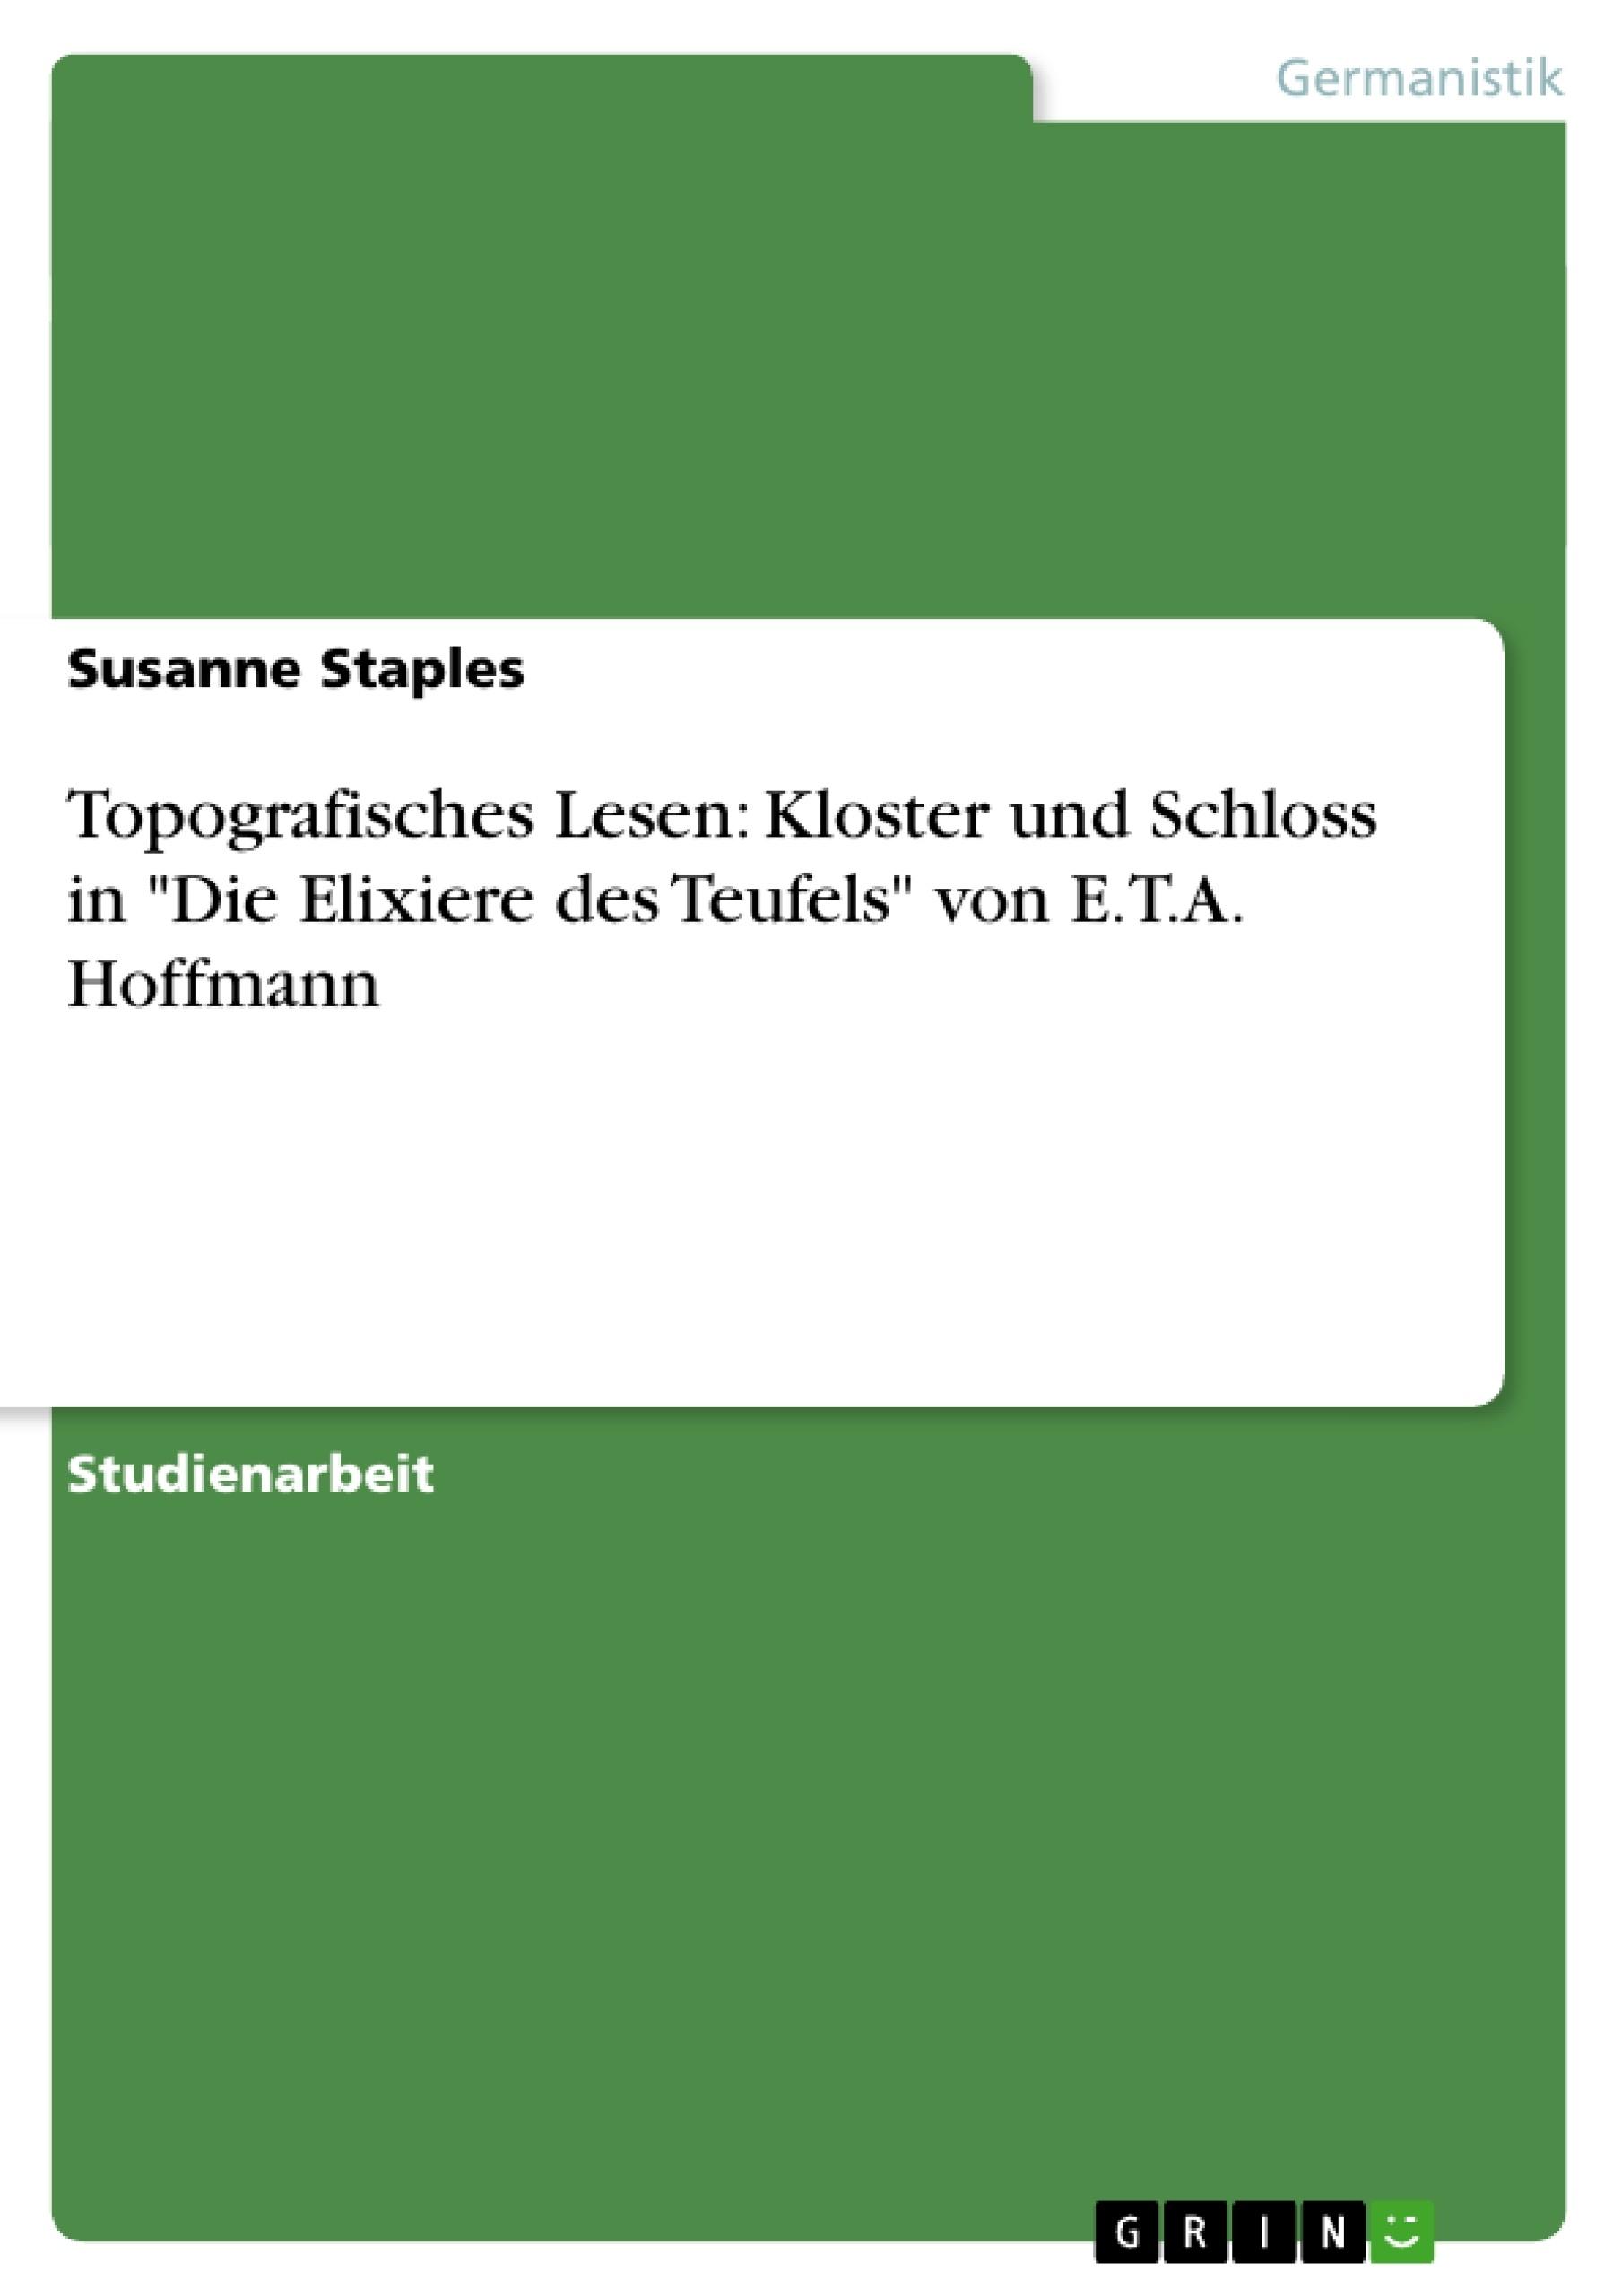 """Titel: Topografisches Lesen: Kloster und Schloss in """"Die Elixiere des Teufels"""" von E.T.A. Hoffmann"""